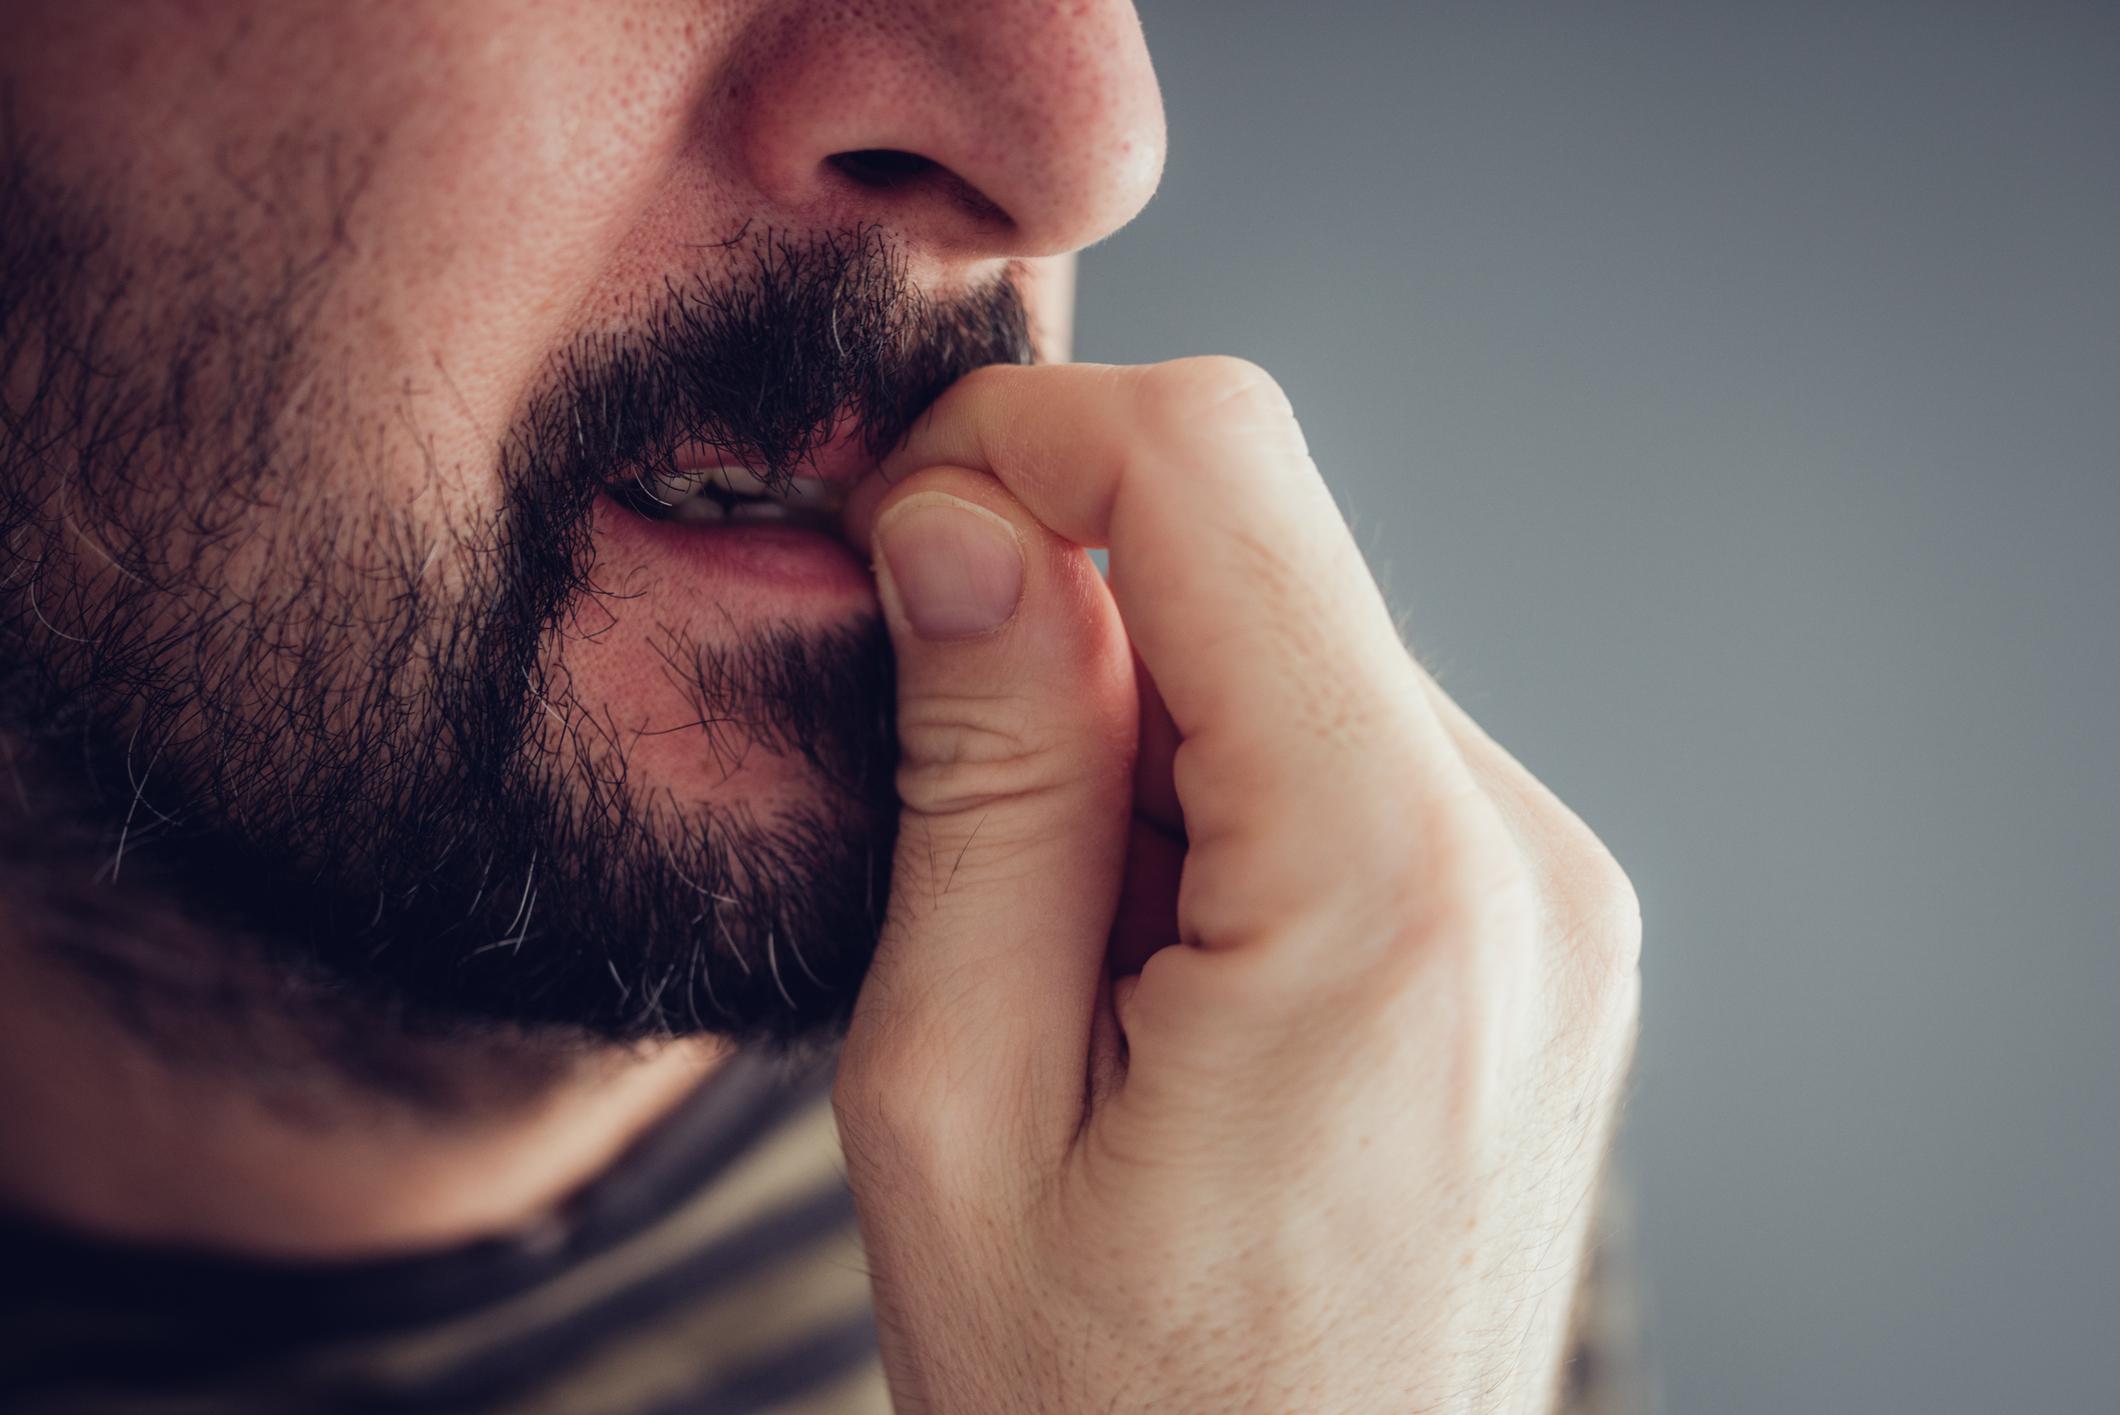 Големи и шумни компании ви изнервят. Предпочитате да бъдете само с най-близките си хора.